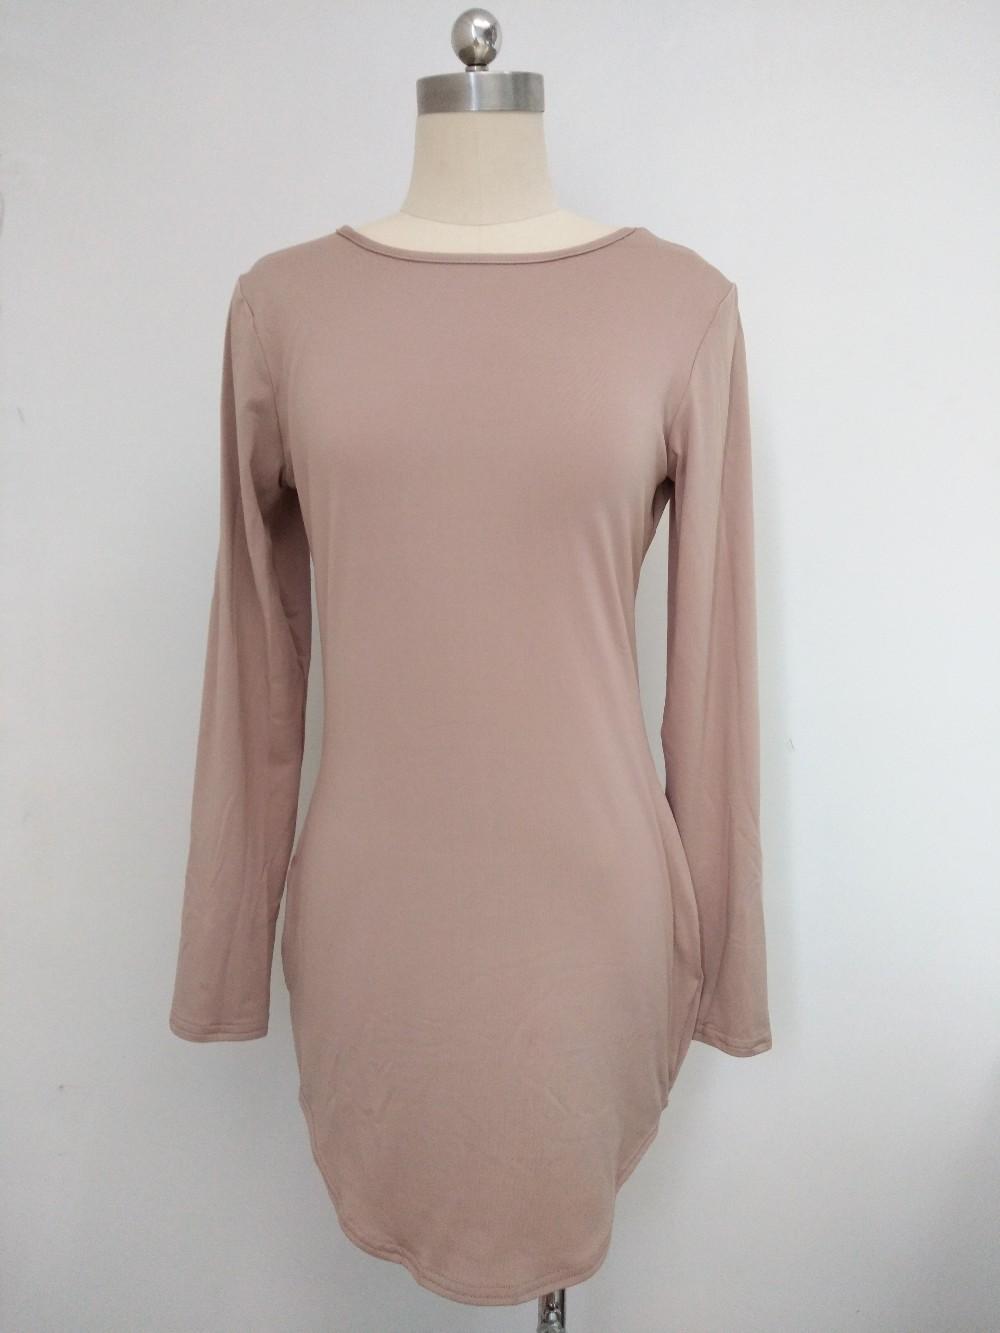 HTB1xkbOMVXXXXaaaXXXq6xXFXXXw - Long Sleeve Mini Bodycon Split Tshirt Bandage Dresses JKP208